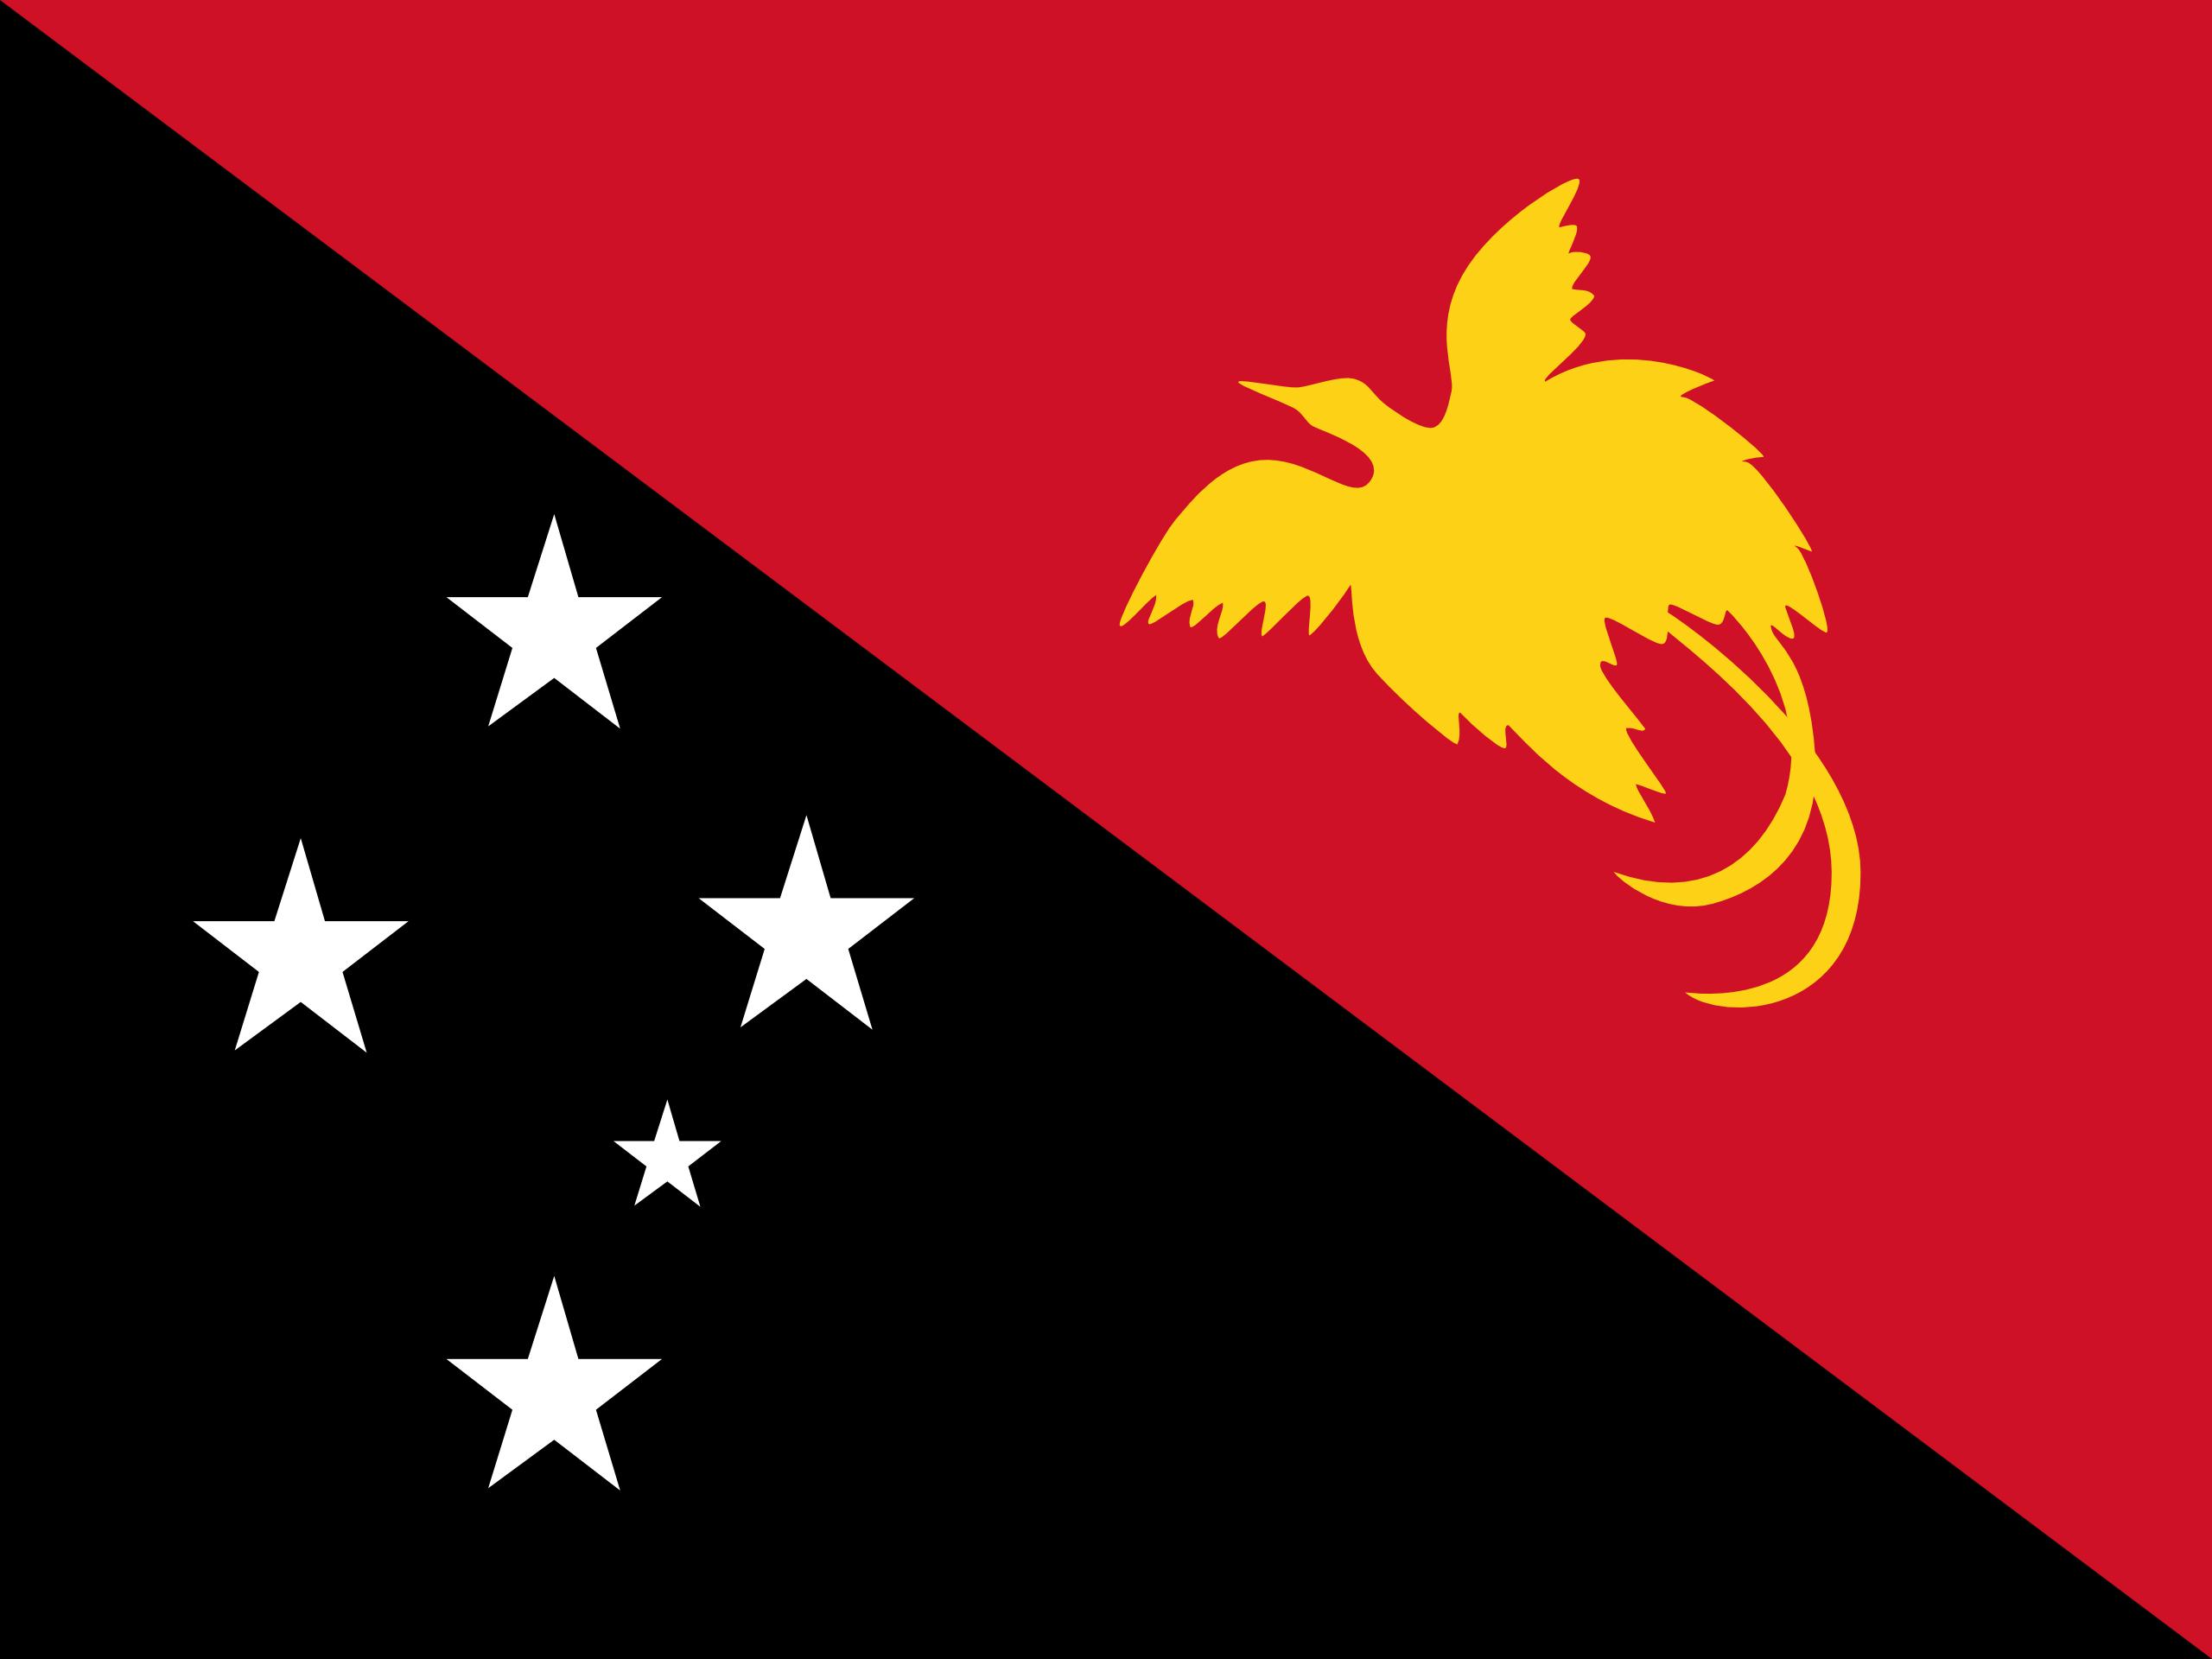 papúa nueva guinea, Land, Emblem, Logo, Symbol - Wallpaper HD - Prof.-falken.com